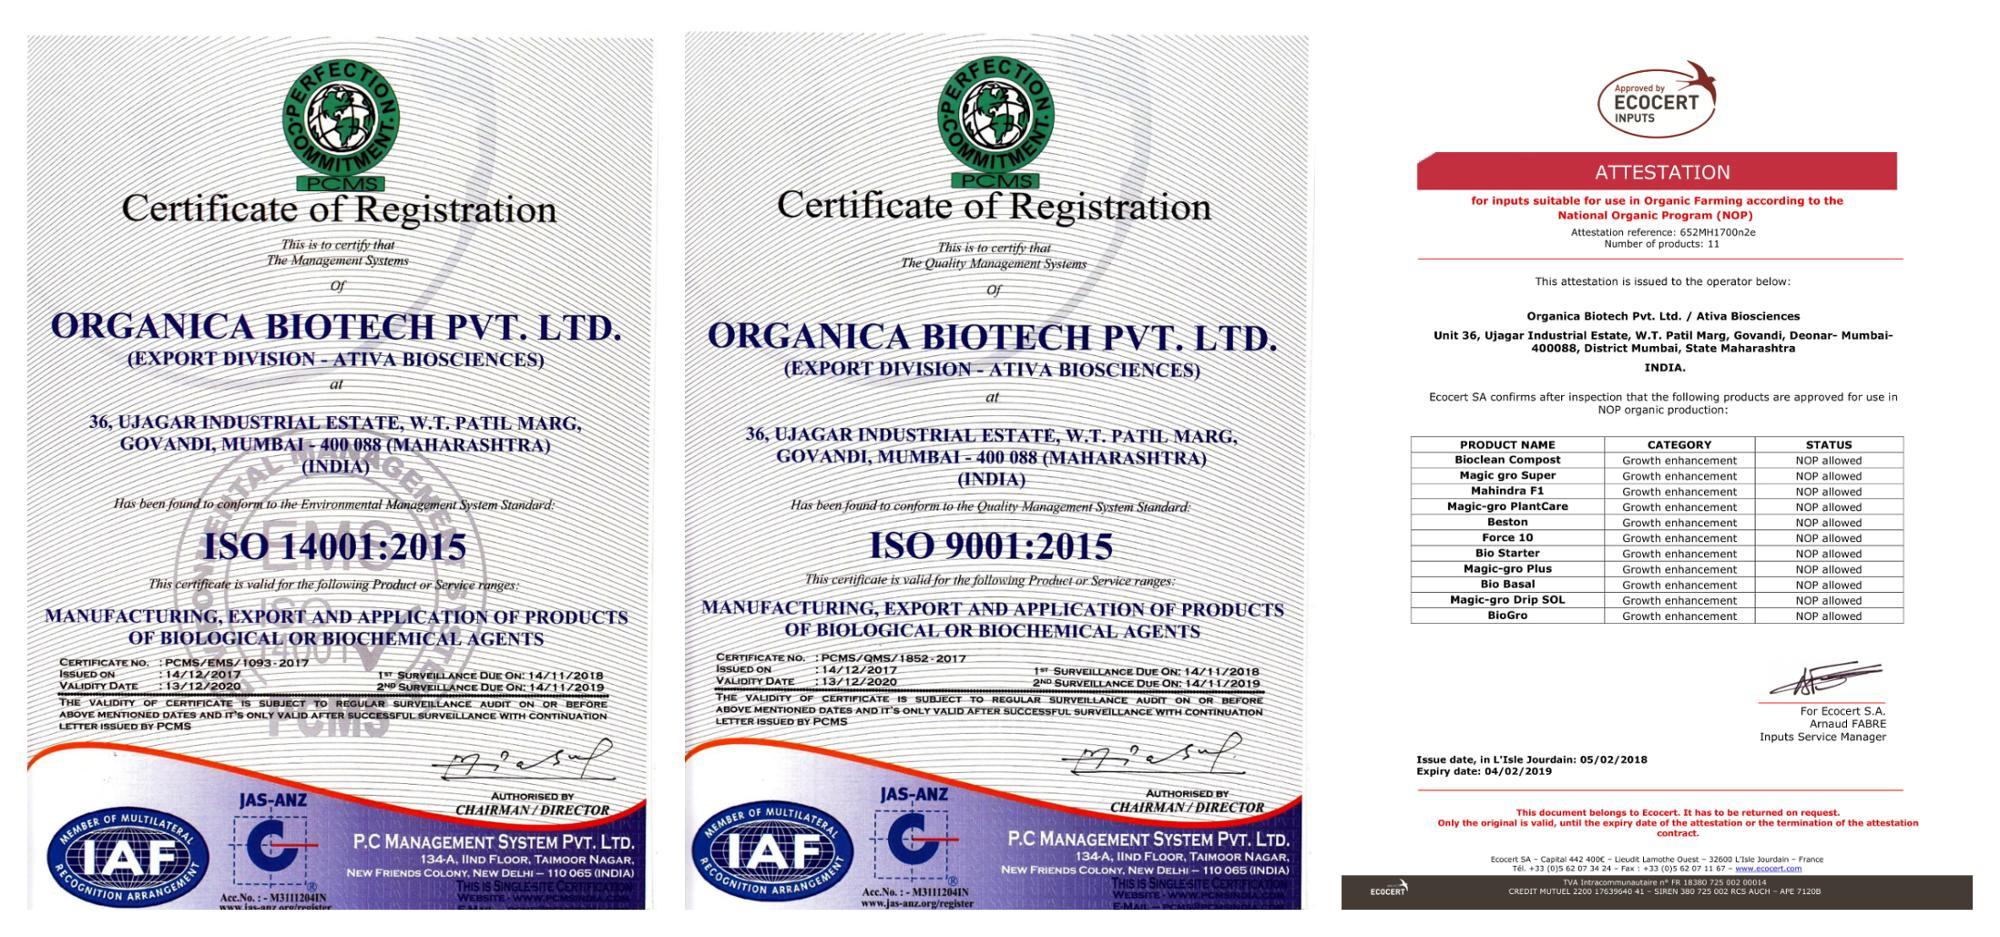 ISO & Ecocert NOP.jpg